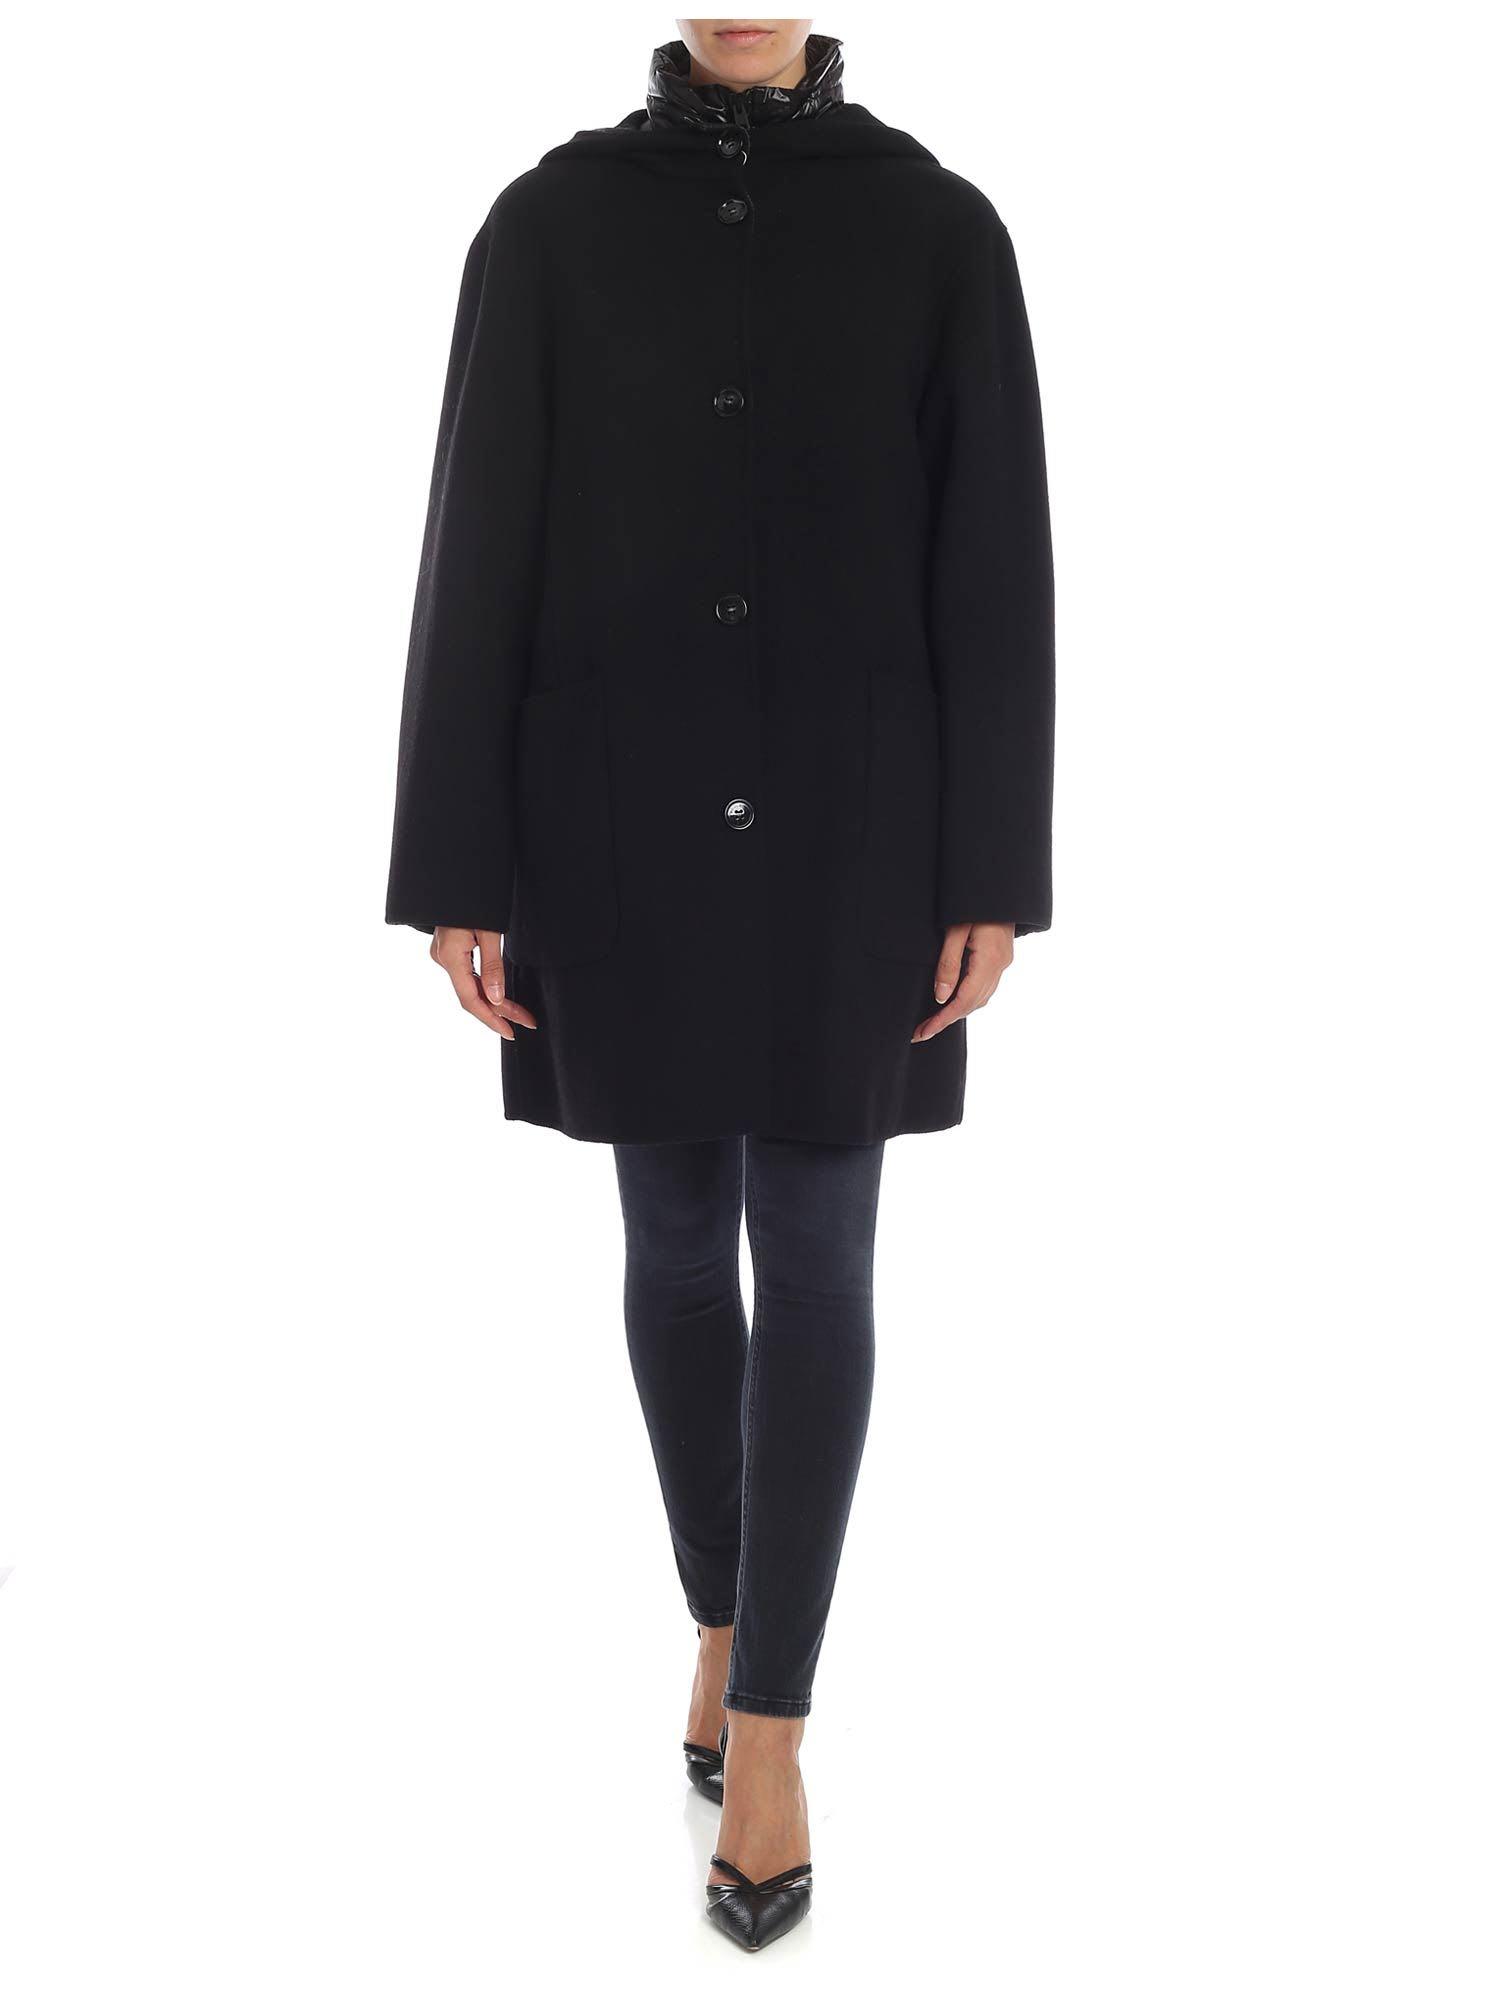 Woolrich 3in1 Hershey Coat